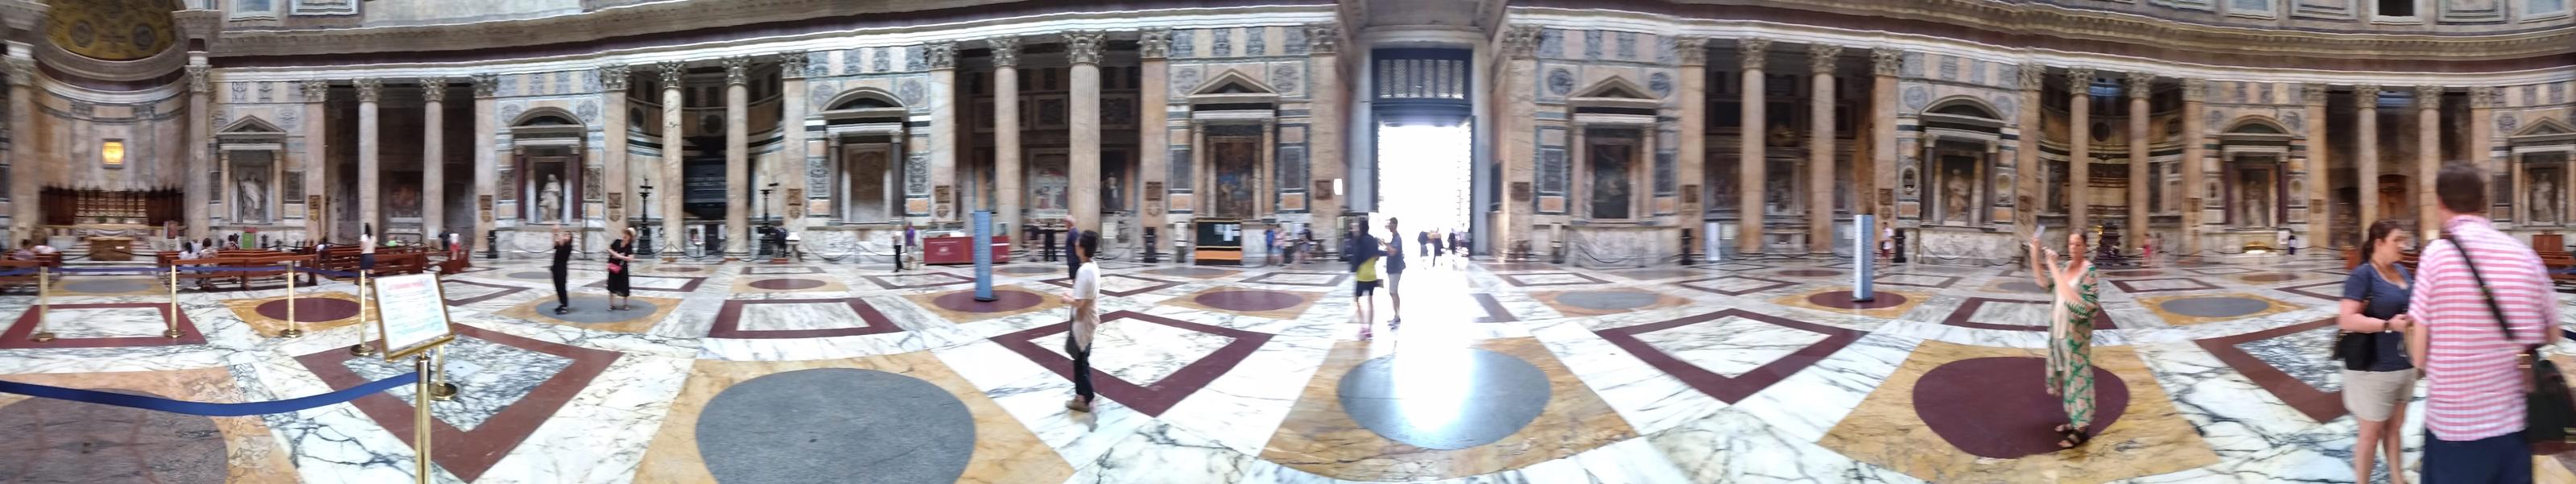 P_20180825_084952(Roma_Panteon360).jpg